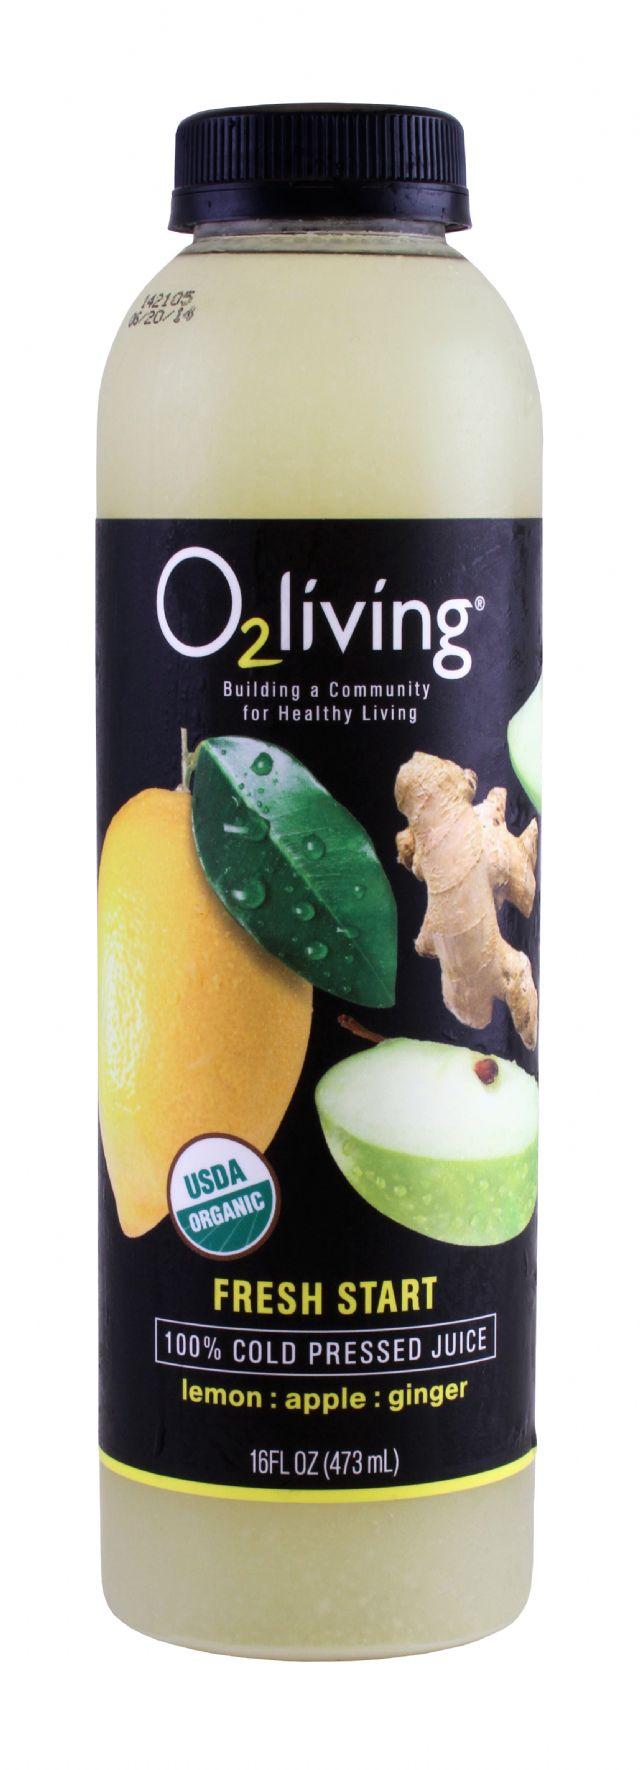 o2living: O2Living_LemonLG_Front